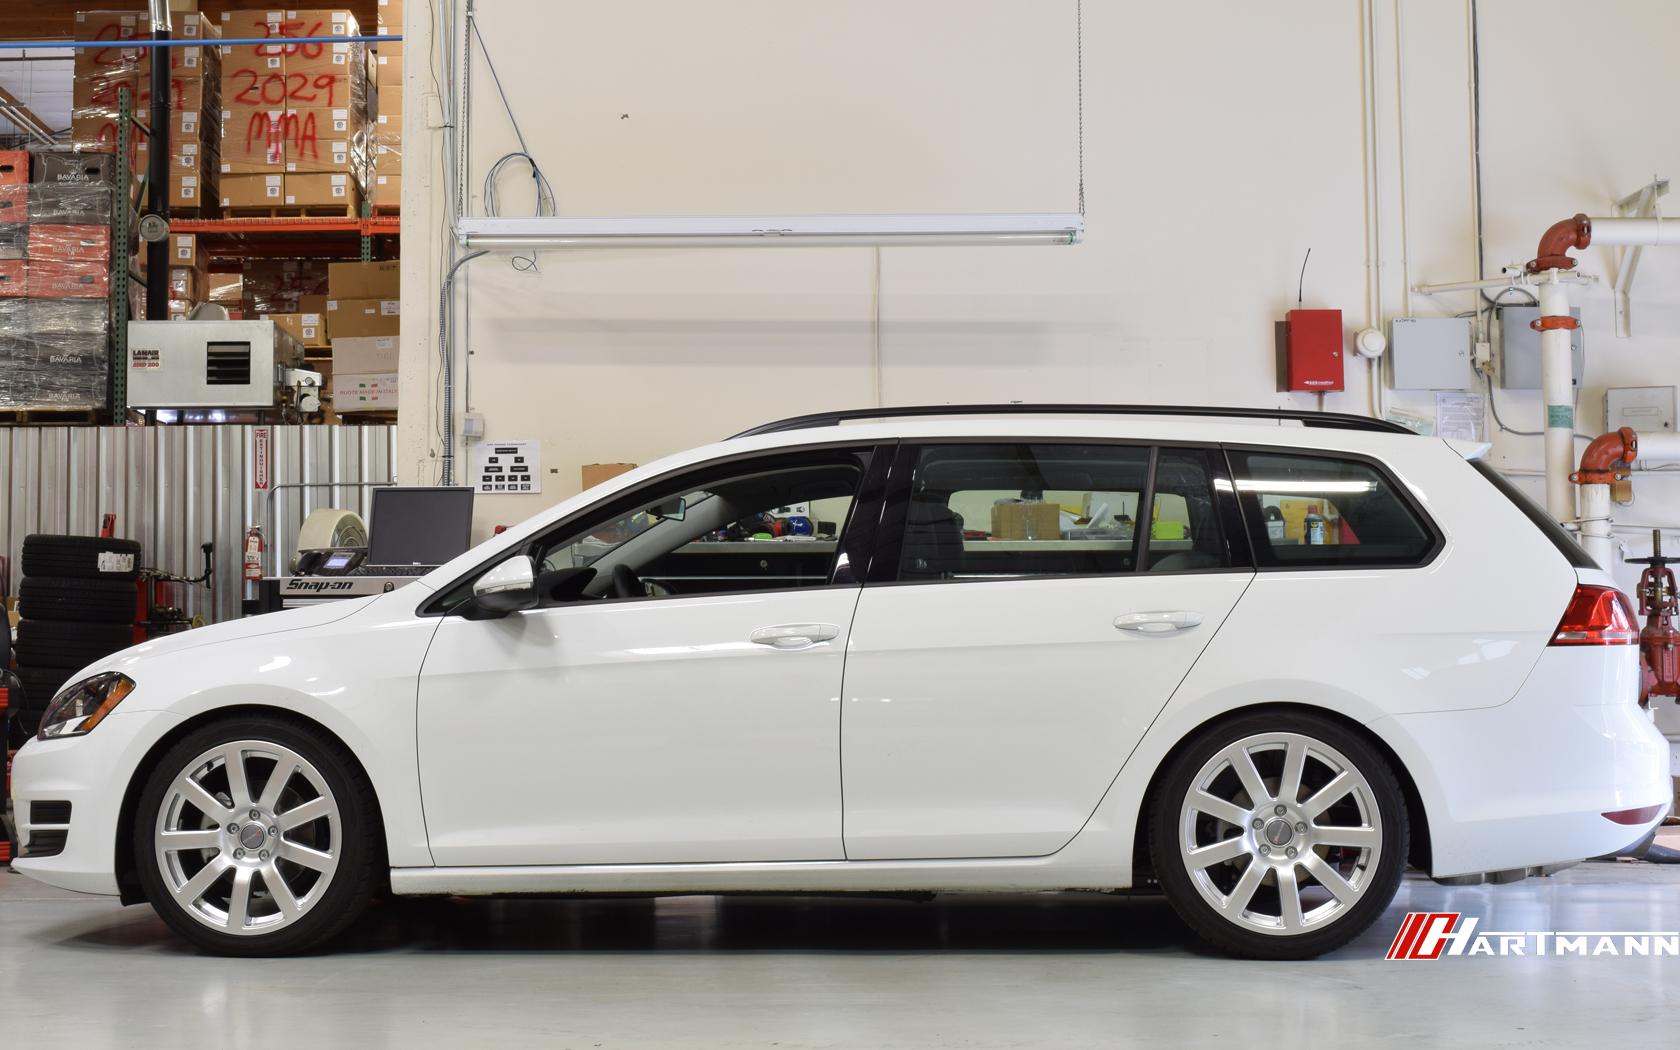 Volkswagen mkvi gsw hartmann hrs4 dtm gs 18 kc2 hwm